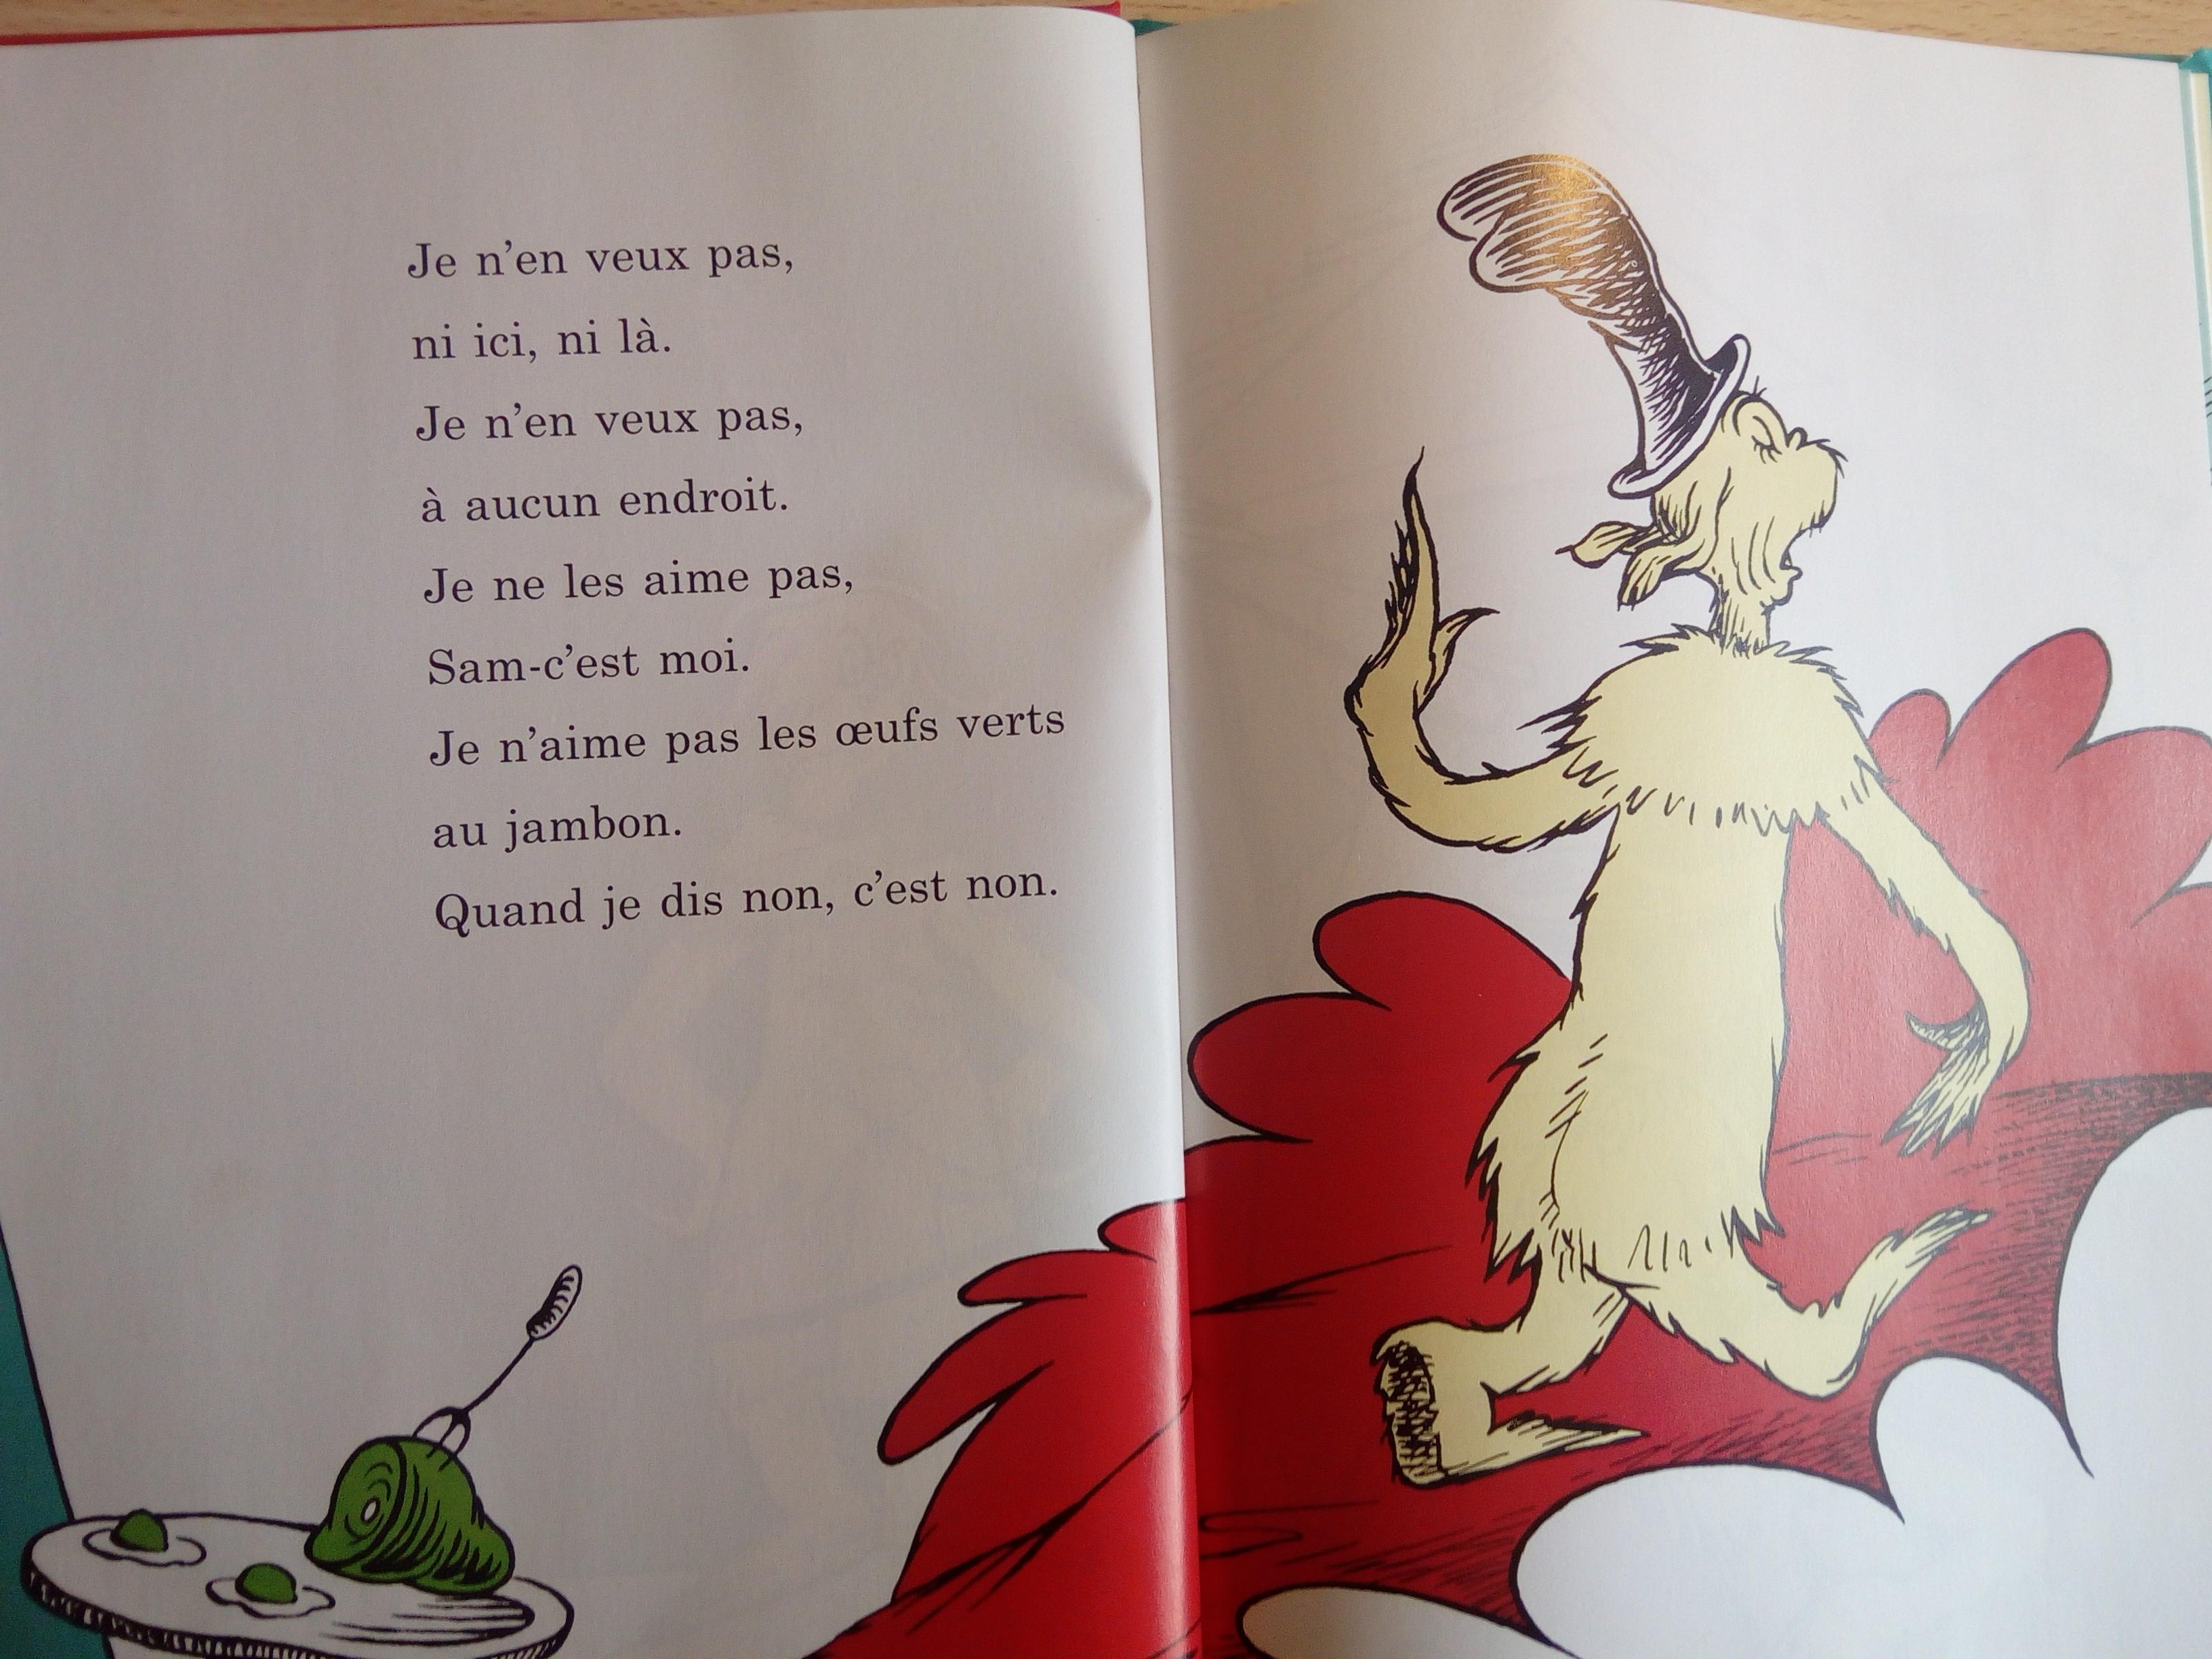 les oeufs verts au jambon   un album  u00e0 mettre dans toutes les biblioth u00e8ques d u0026 39 enfants